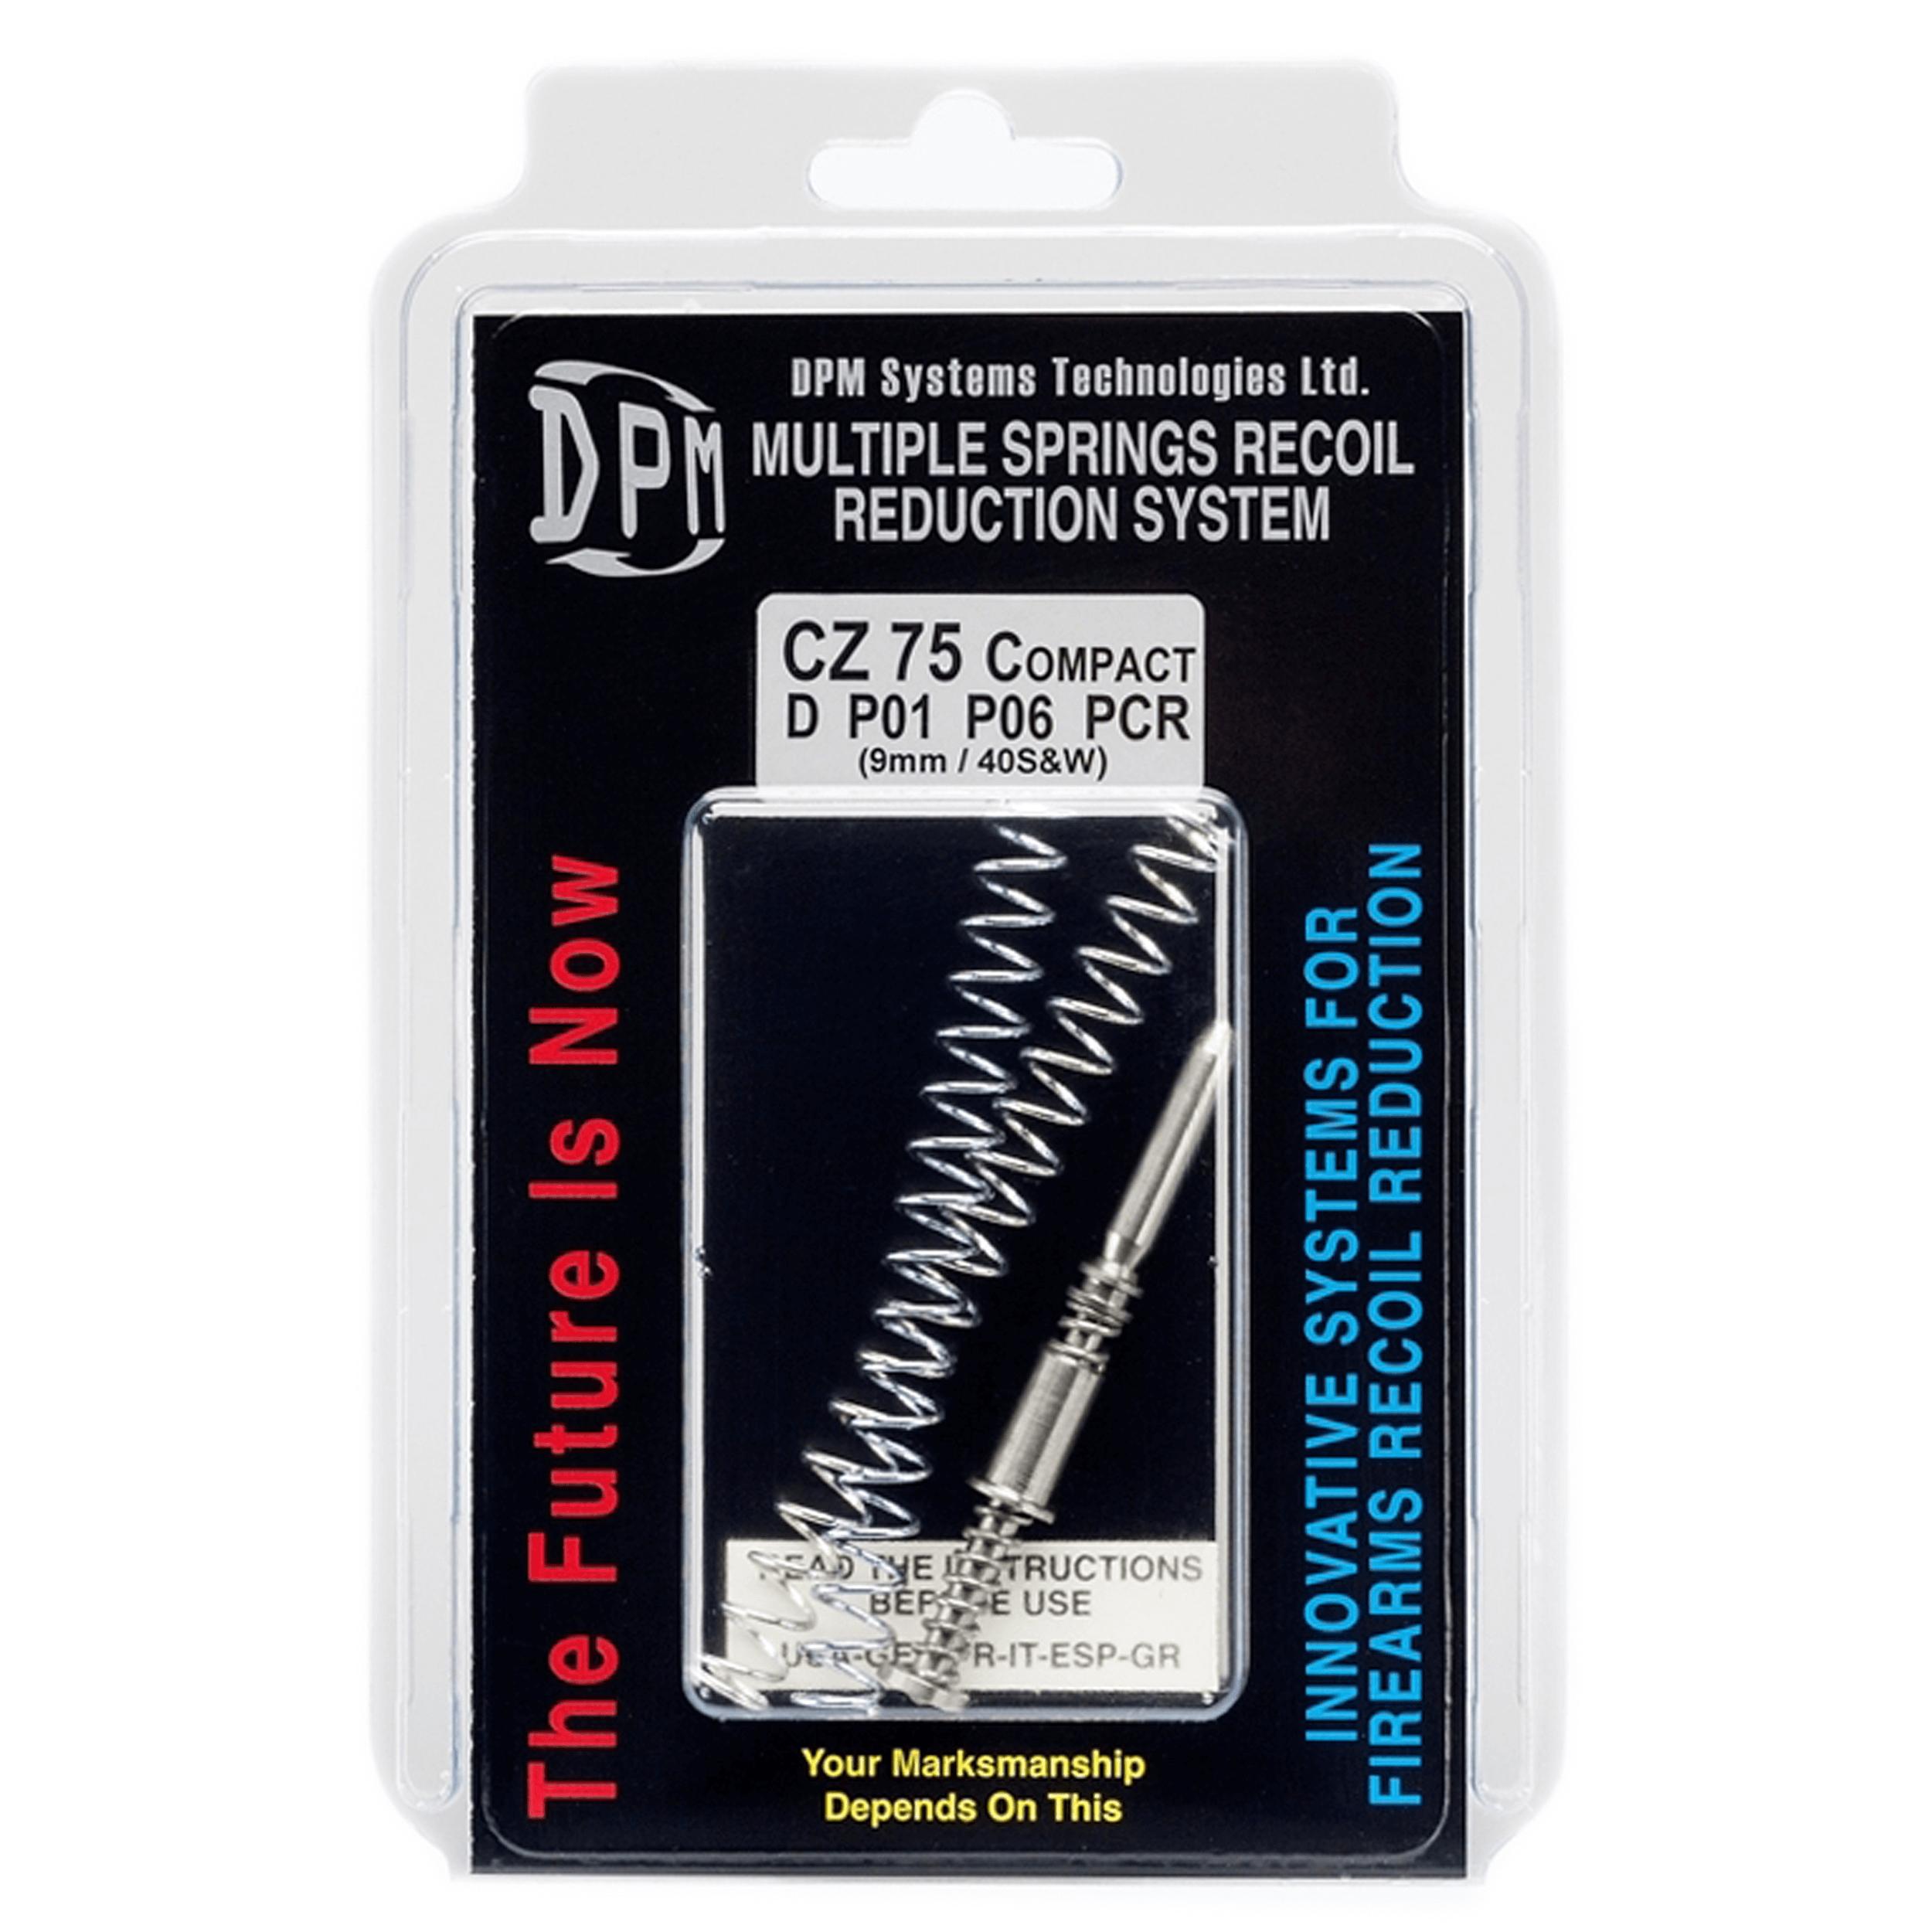 CZ 75 Compact P01 - P06 / D - P01 - P06 - PCR - 9mm / .40 S&W